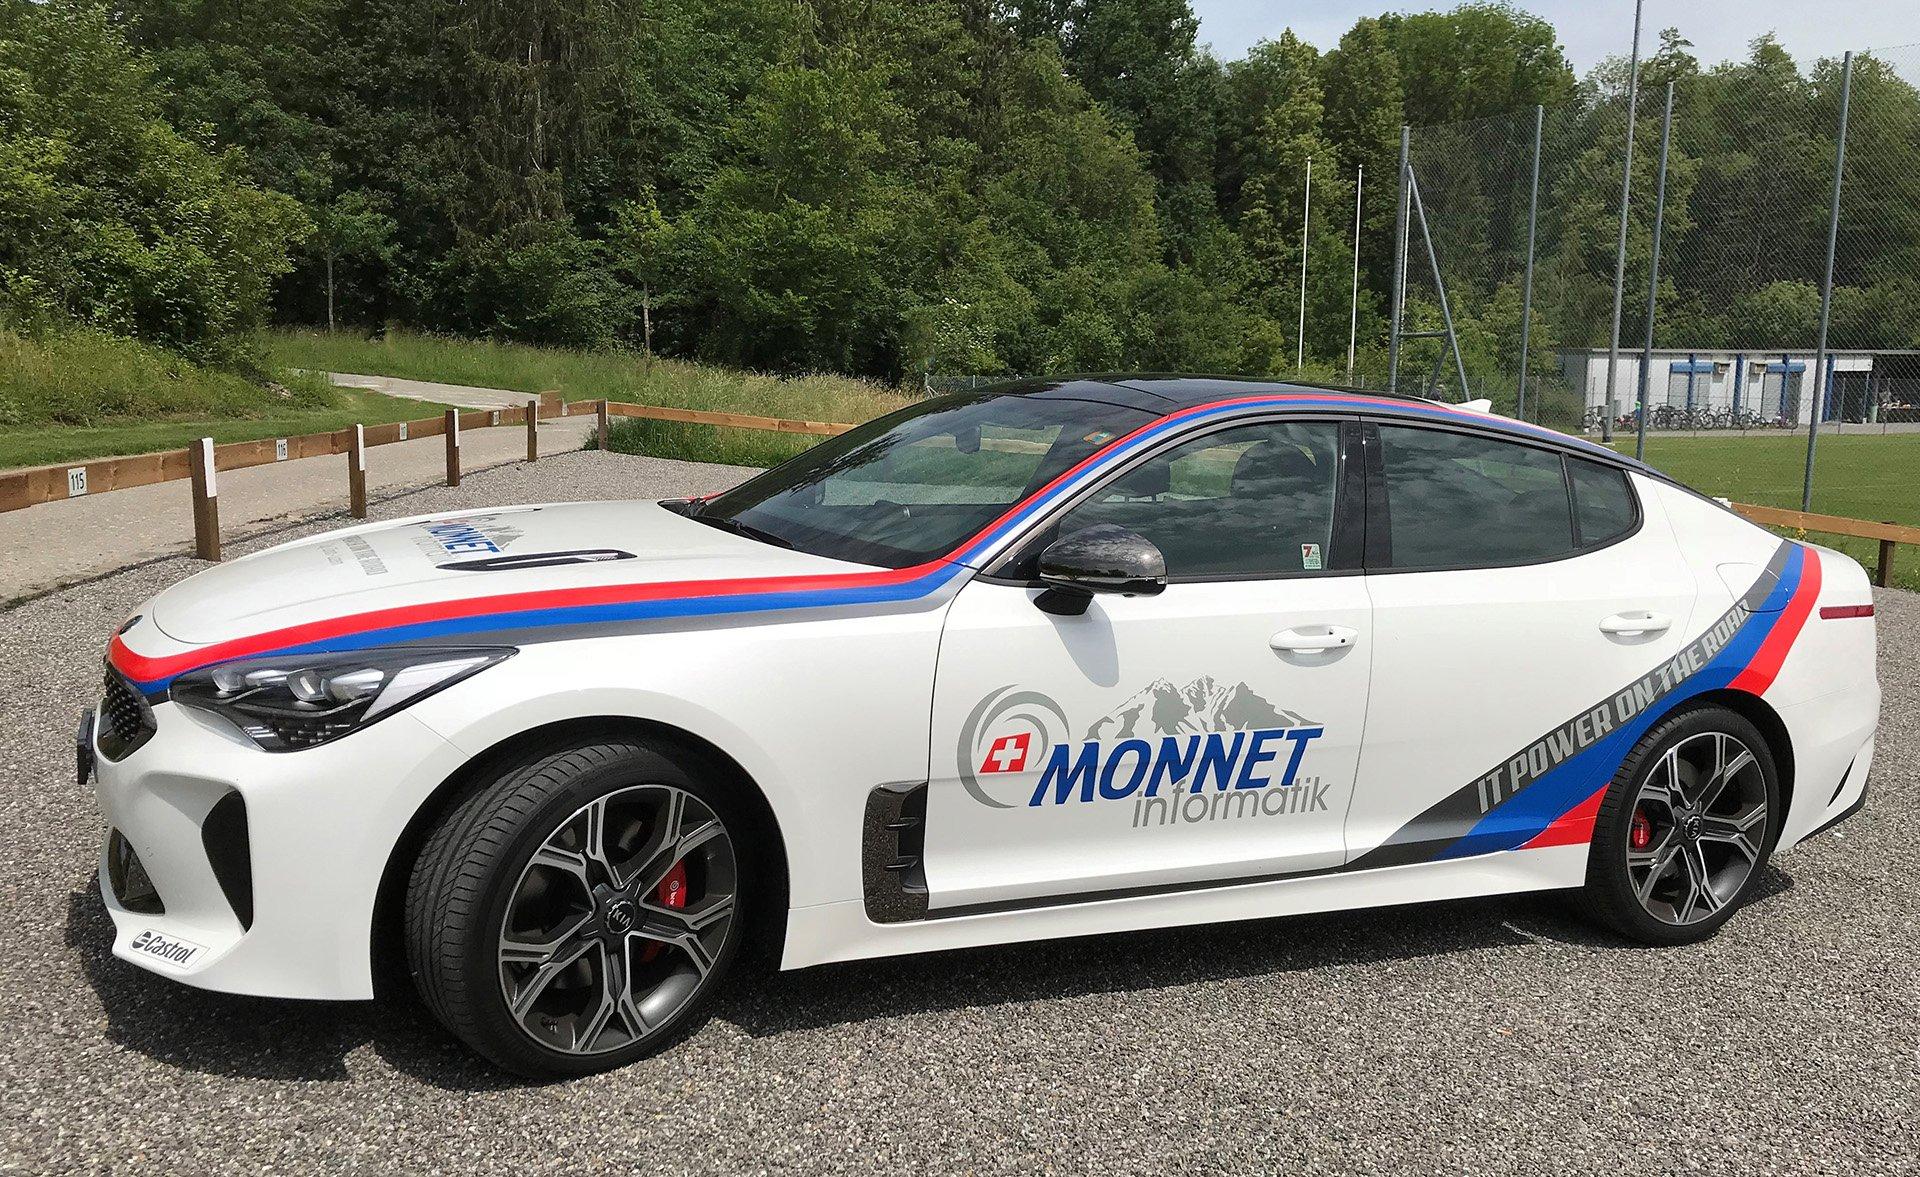 Notfalldienst, PC Hilfe vor Ort in Zug, Luzern und Zürich - Monnet Informatik